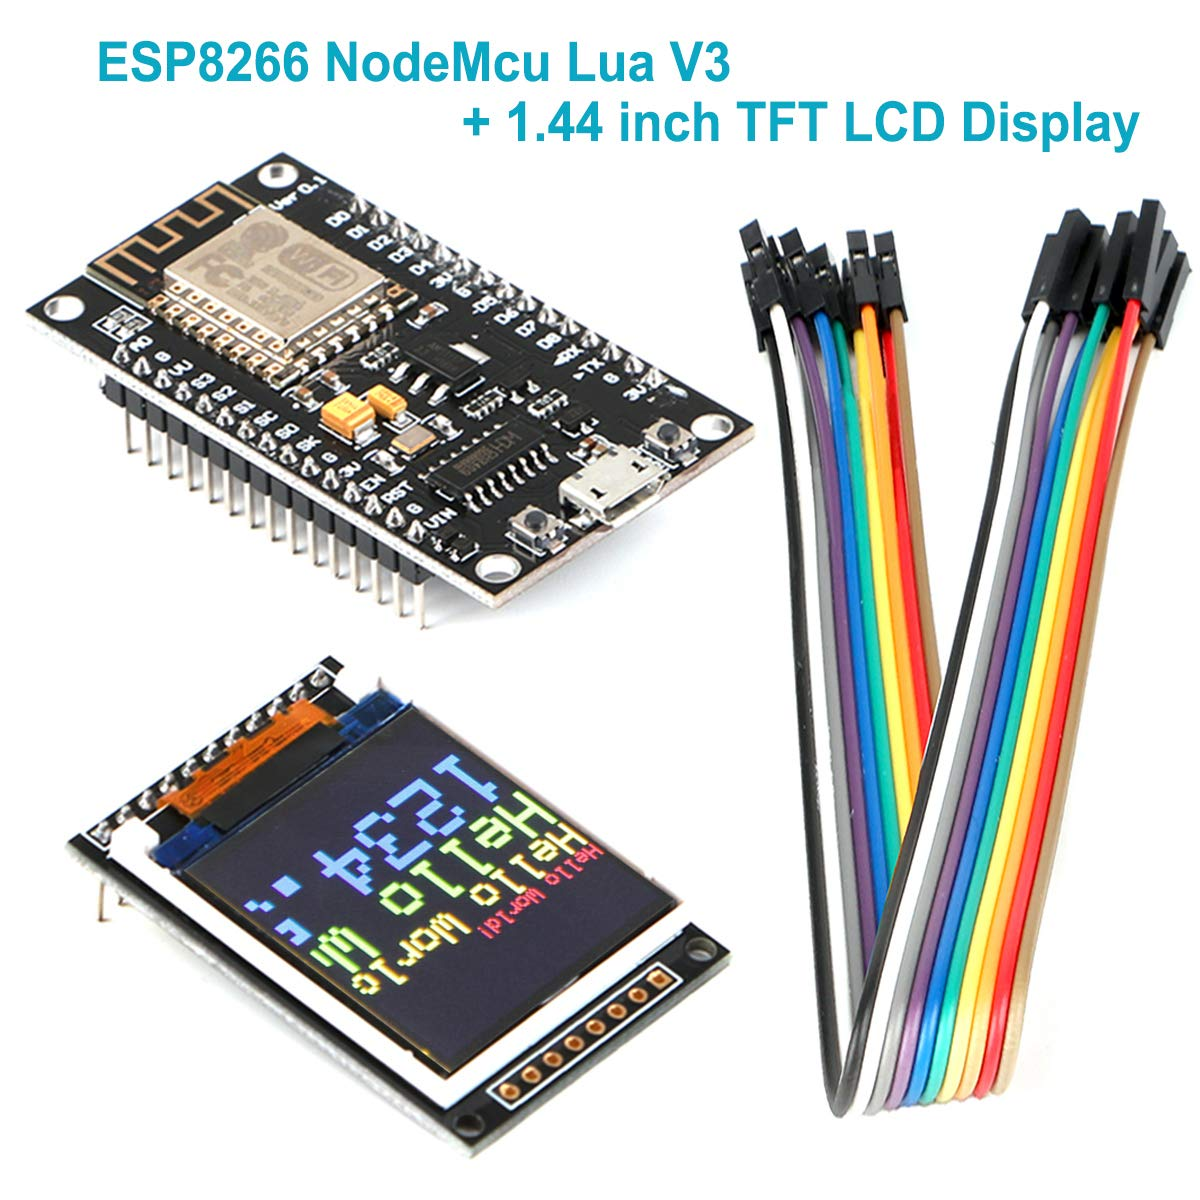 Modulo WiFi Arduino wireless seriale ESP8266 NodeMcu Scheda di sviluppo IOT WI-FI di Ch340 NodeMcu Arduino V3 Lua con display TFT LCD da 1,44 pollici, 128x128 SPI 51 STM32 routine Arduino per Arduino Innovateking-EU